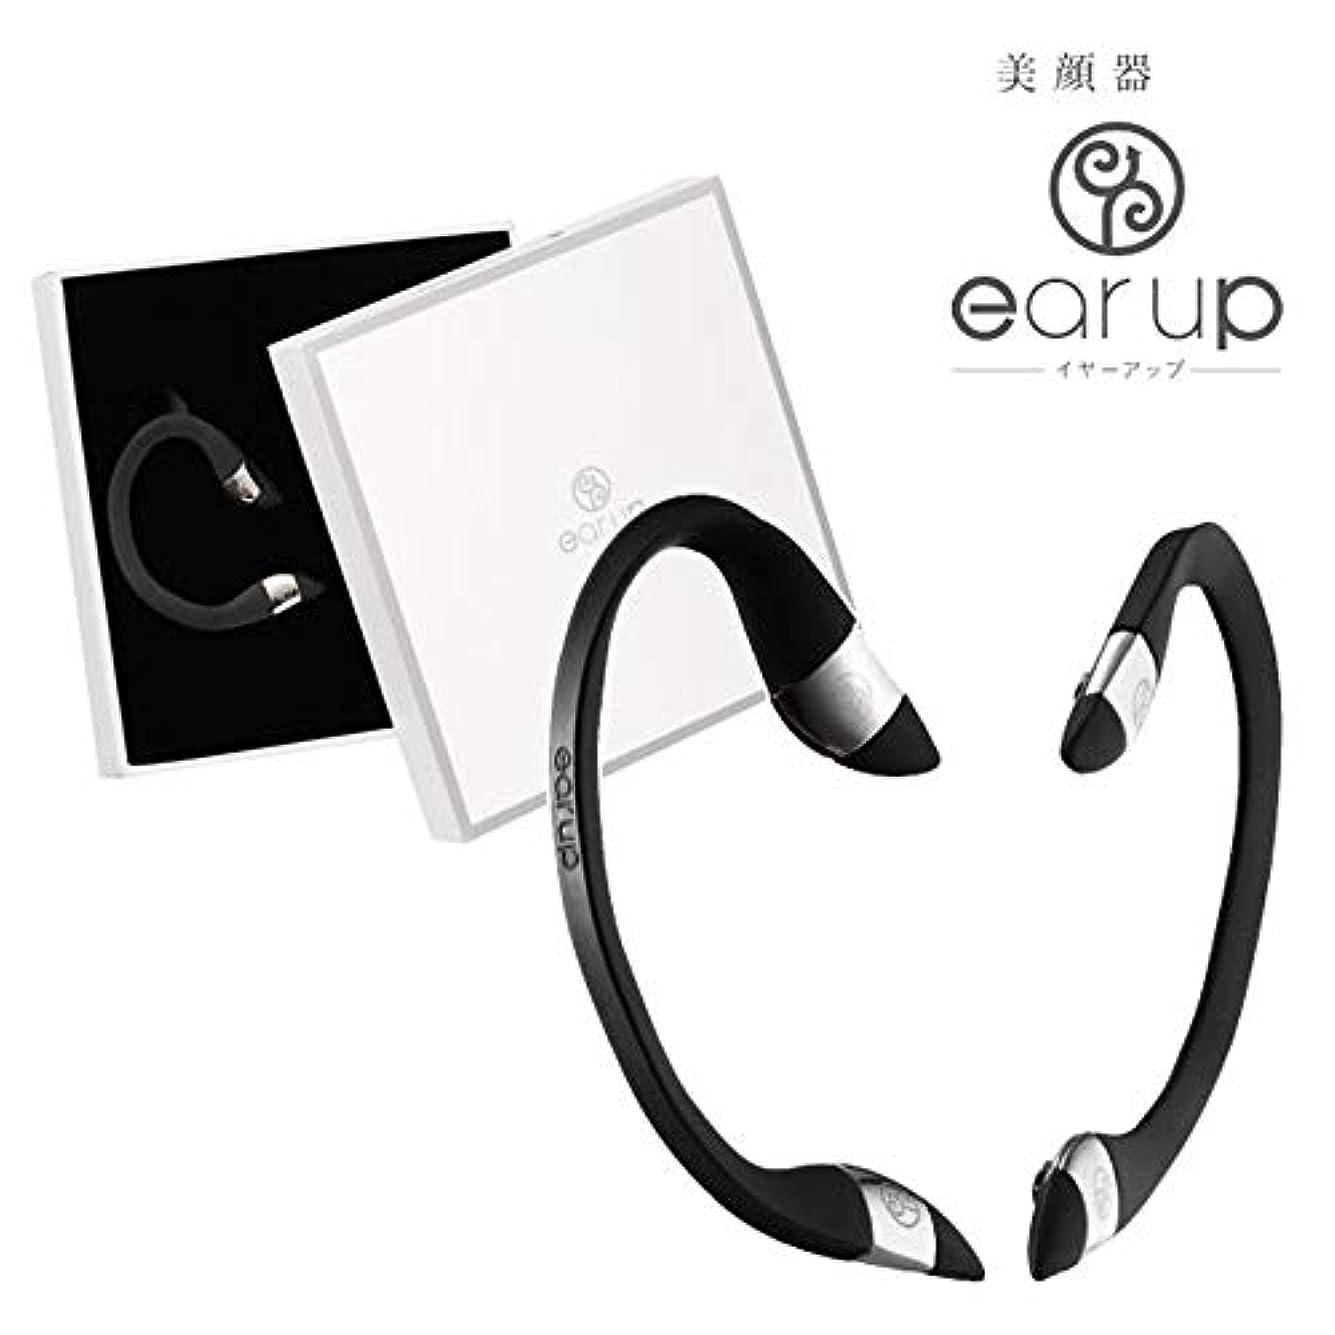 静かな令状電気のエイベックスビューティーメソッド ear up(イヤーアップ)